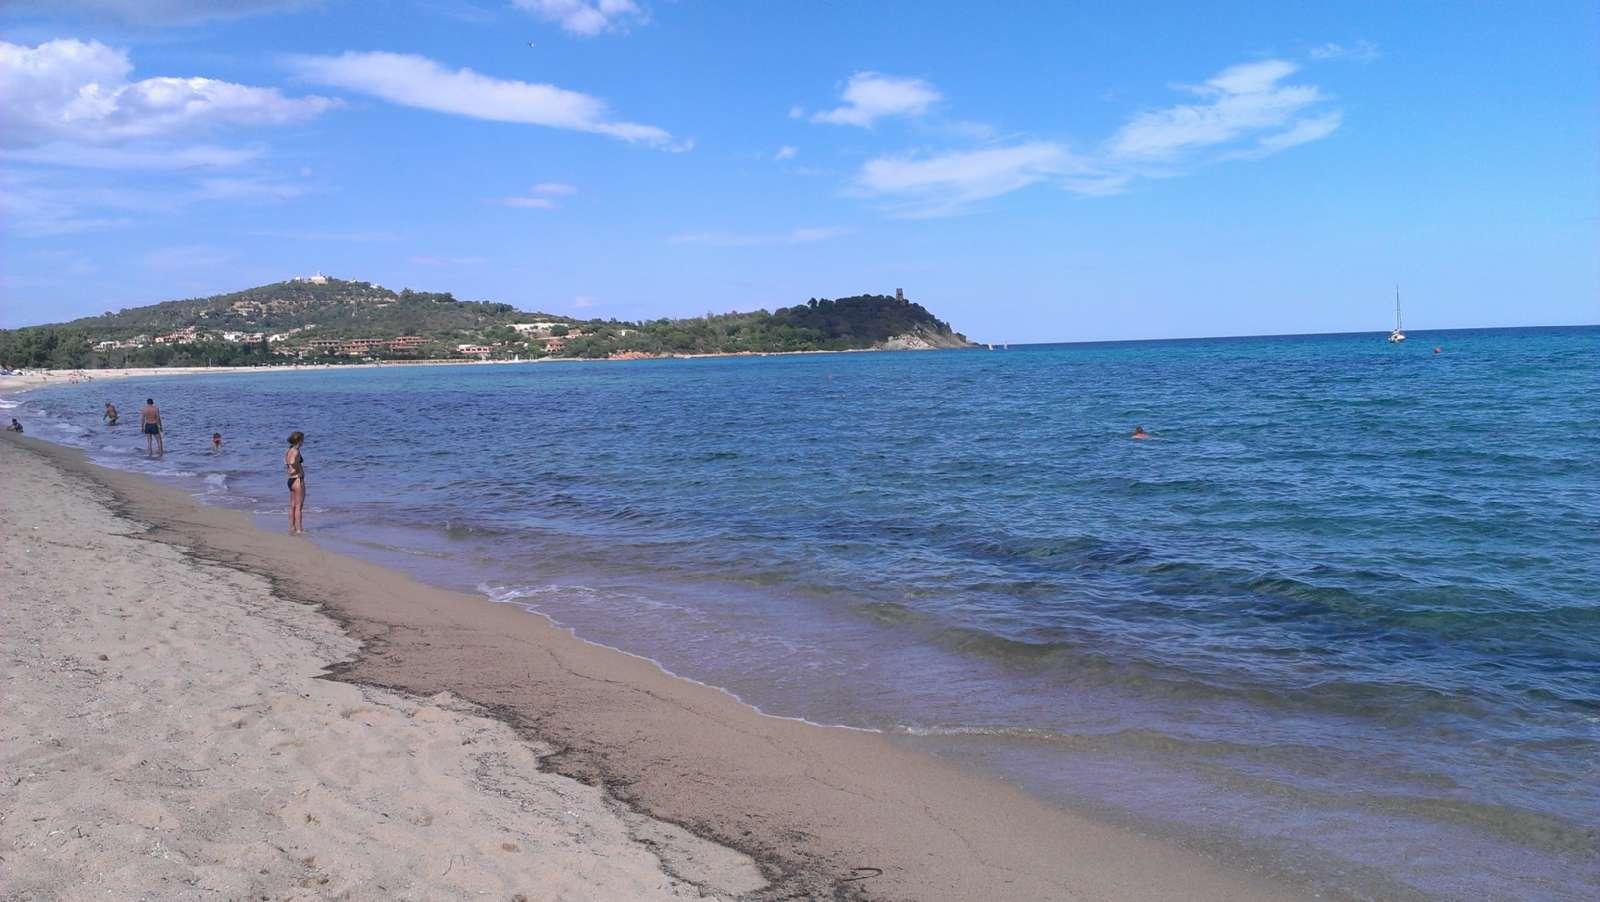 Der Strand, ca. 1 Minute zu Fuß erreichbar